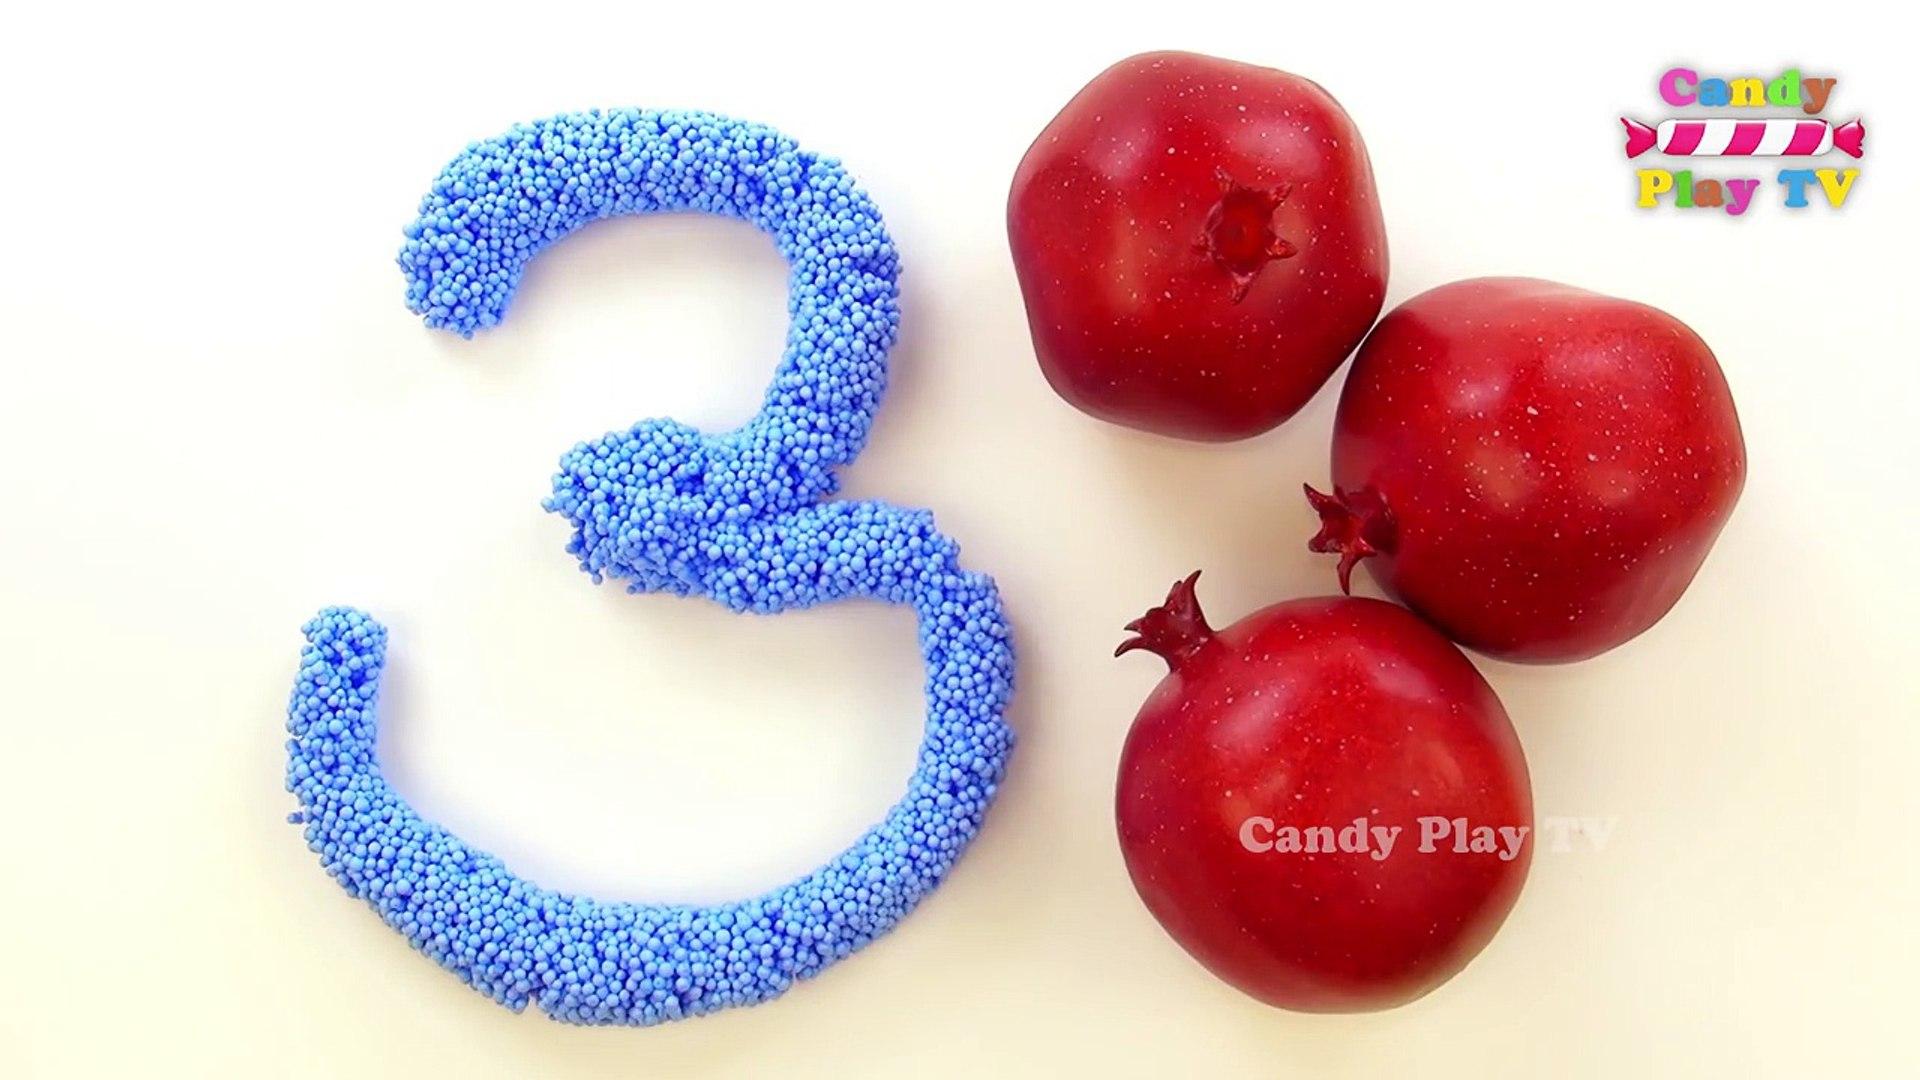 И количество доч пена фрукты сверкание Узнайте обучение чисел играть болотистый Кому в Это овощи с |